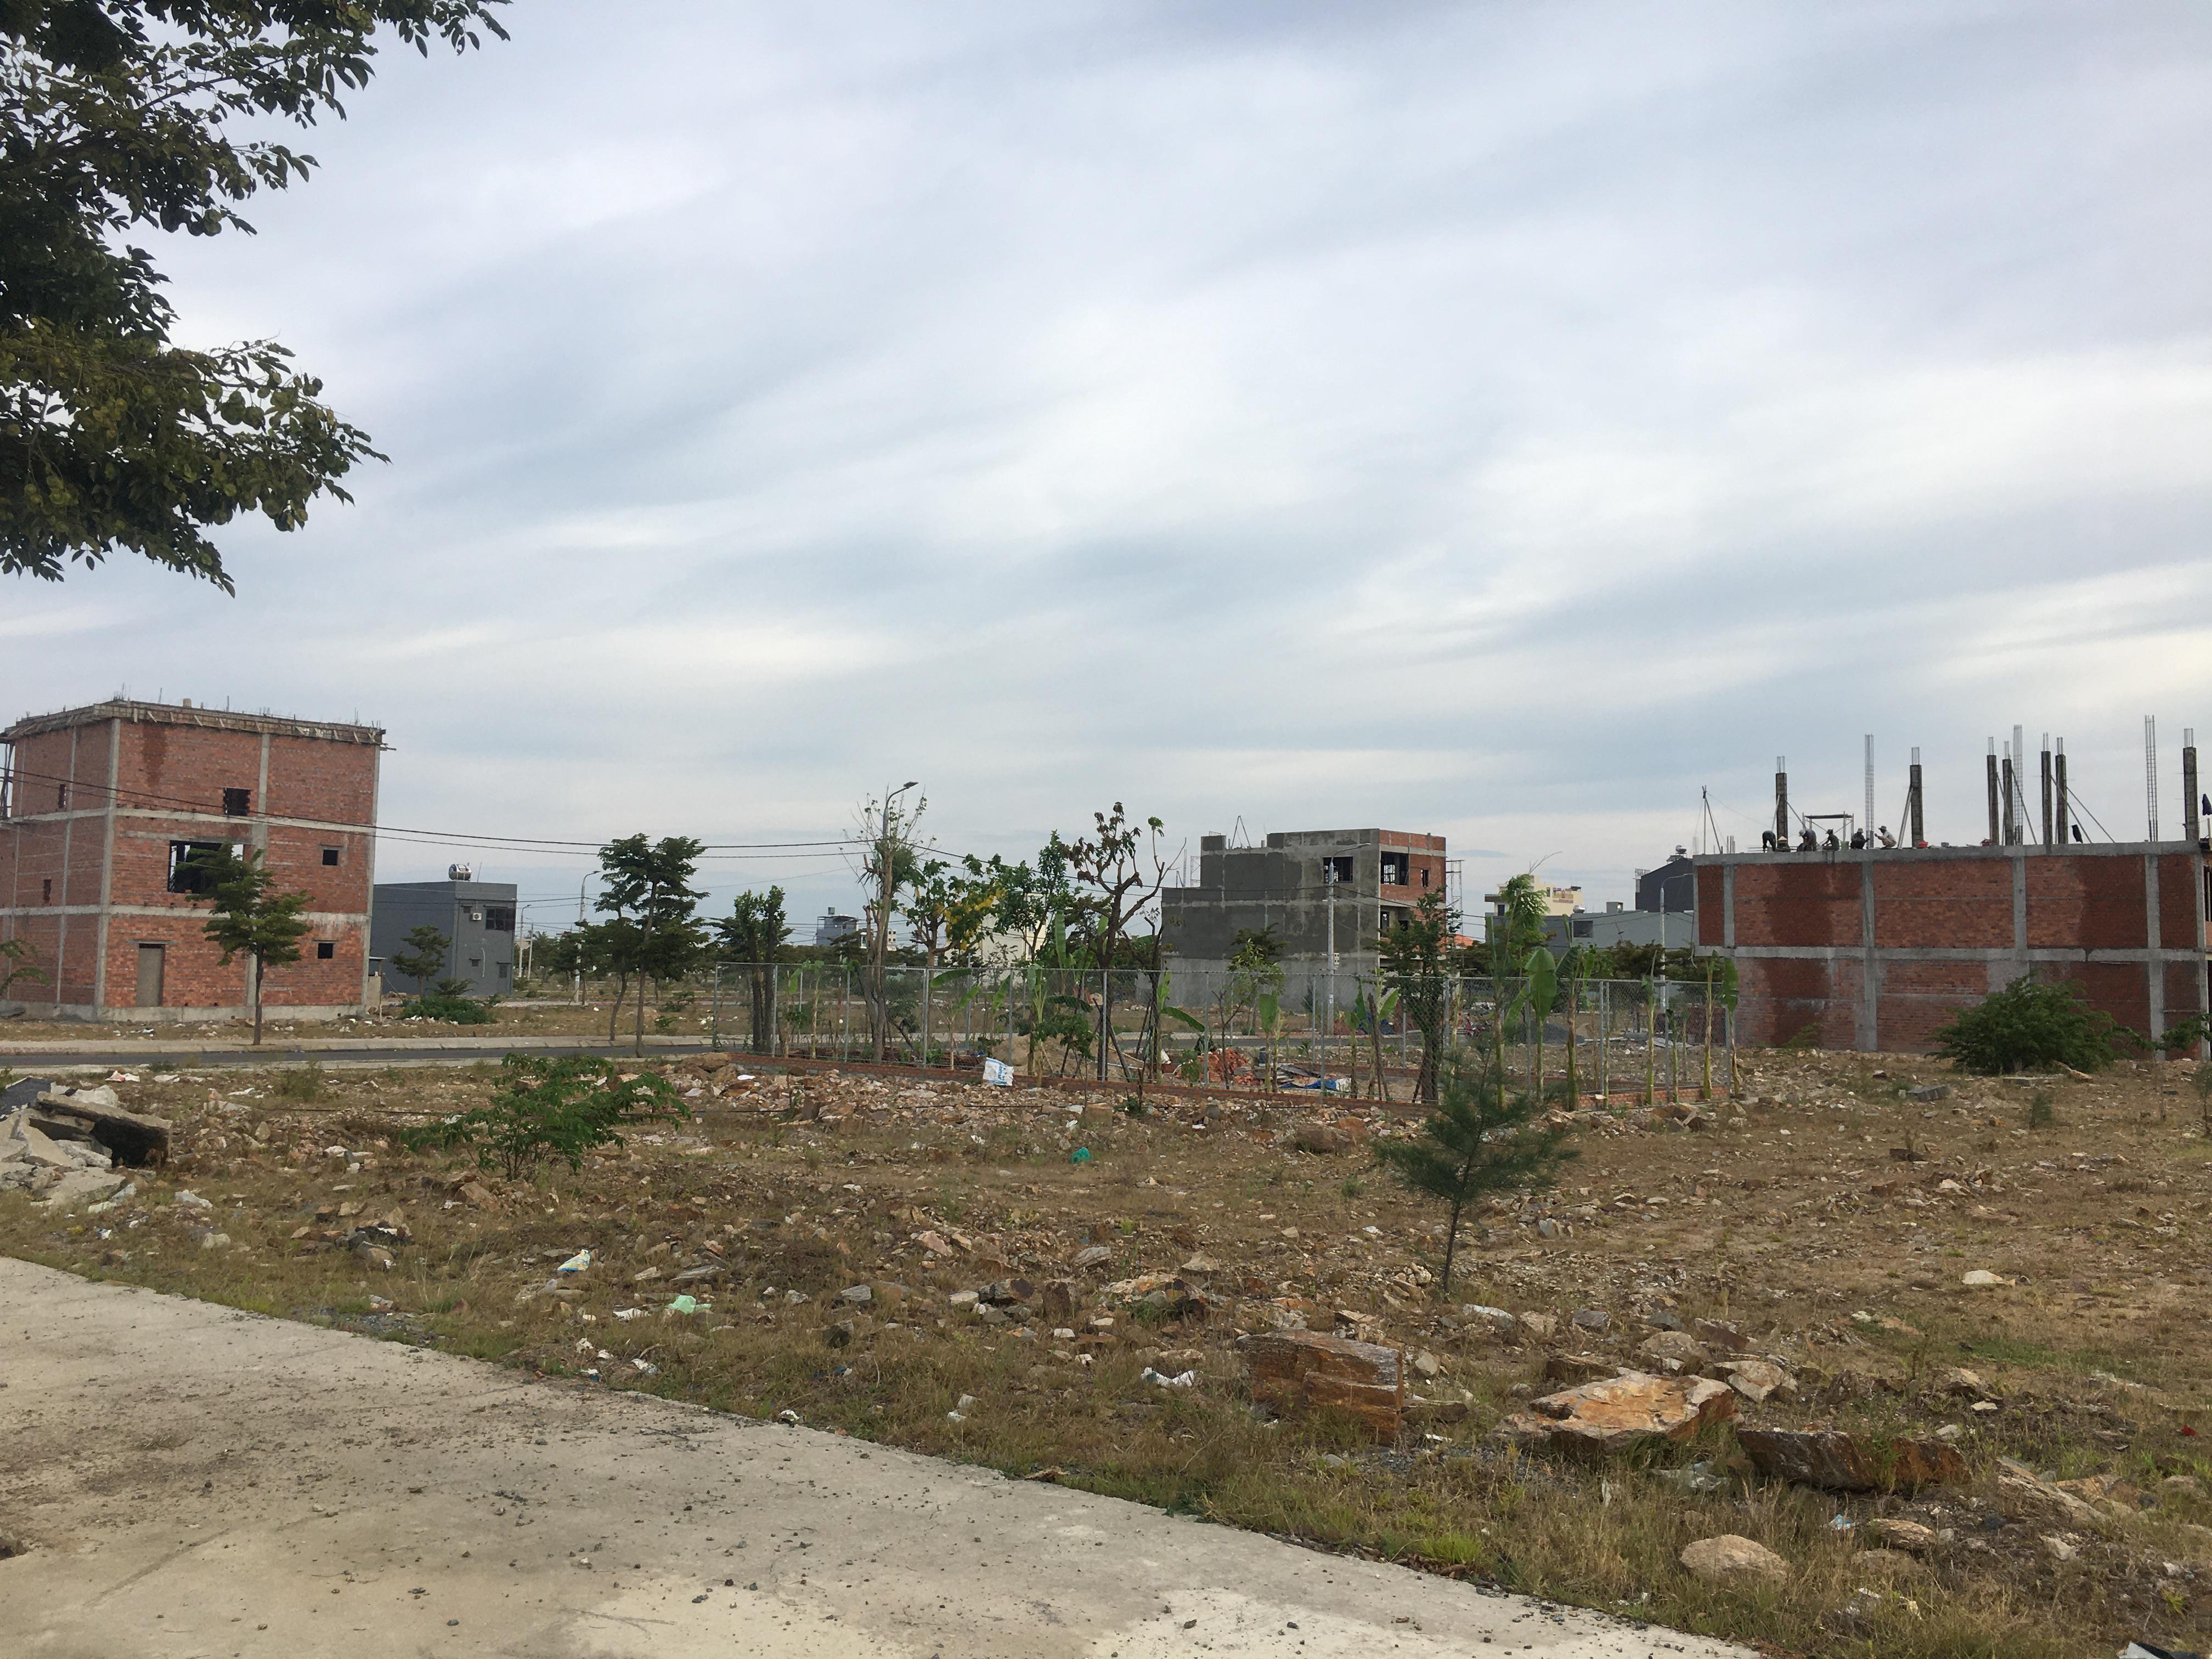 Gần 1.000 căn hộ bán ra tại Đà Nẵng hậu dịch Covid-19 - Ảnh 4.